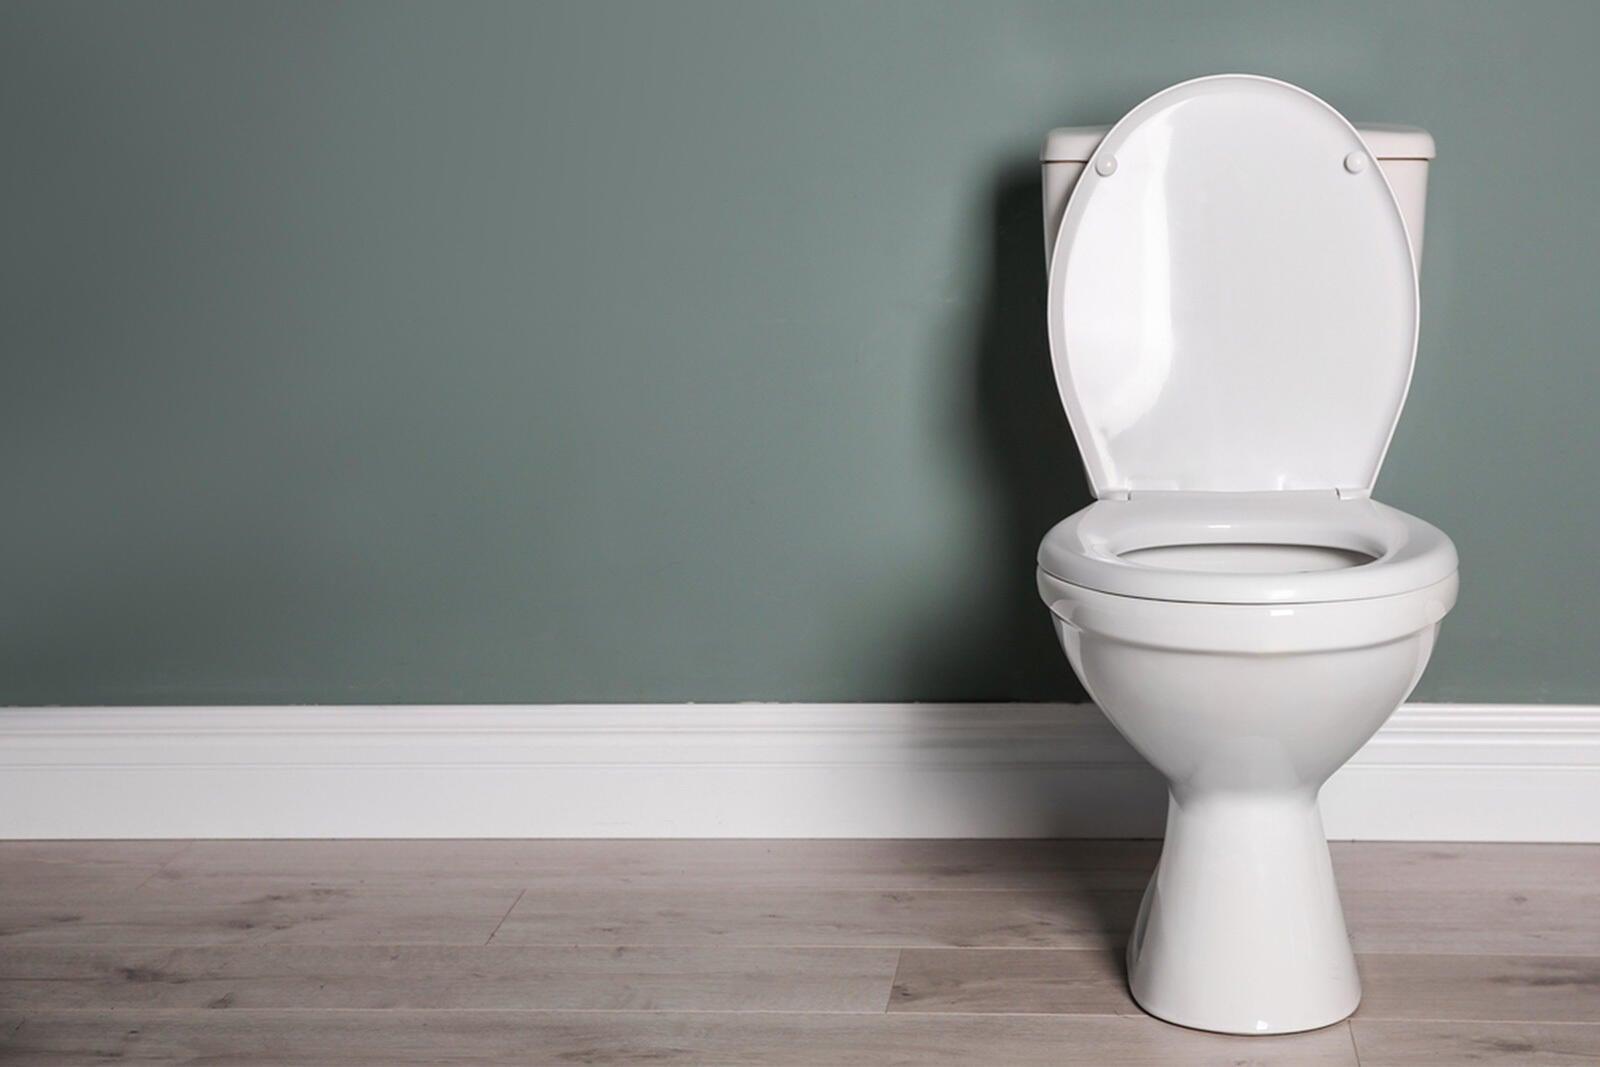 A clean toilet in a modern bathroom